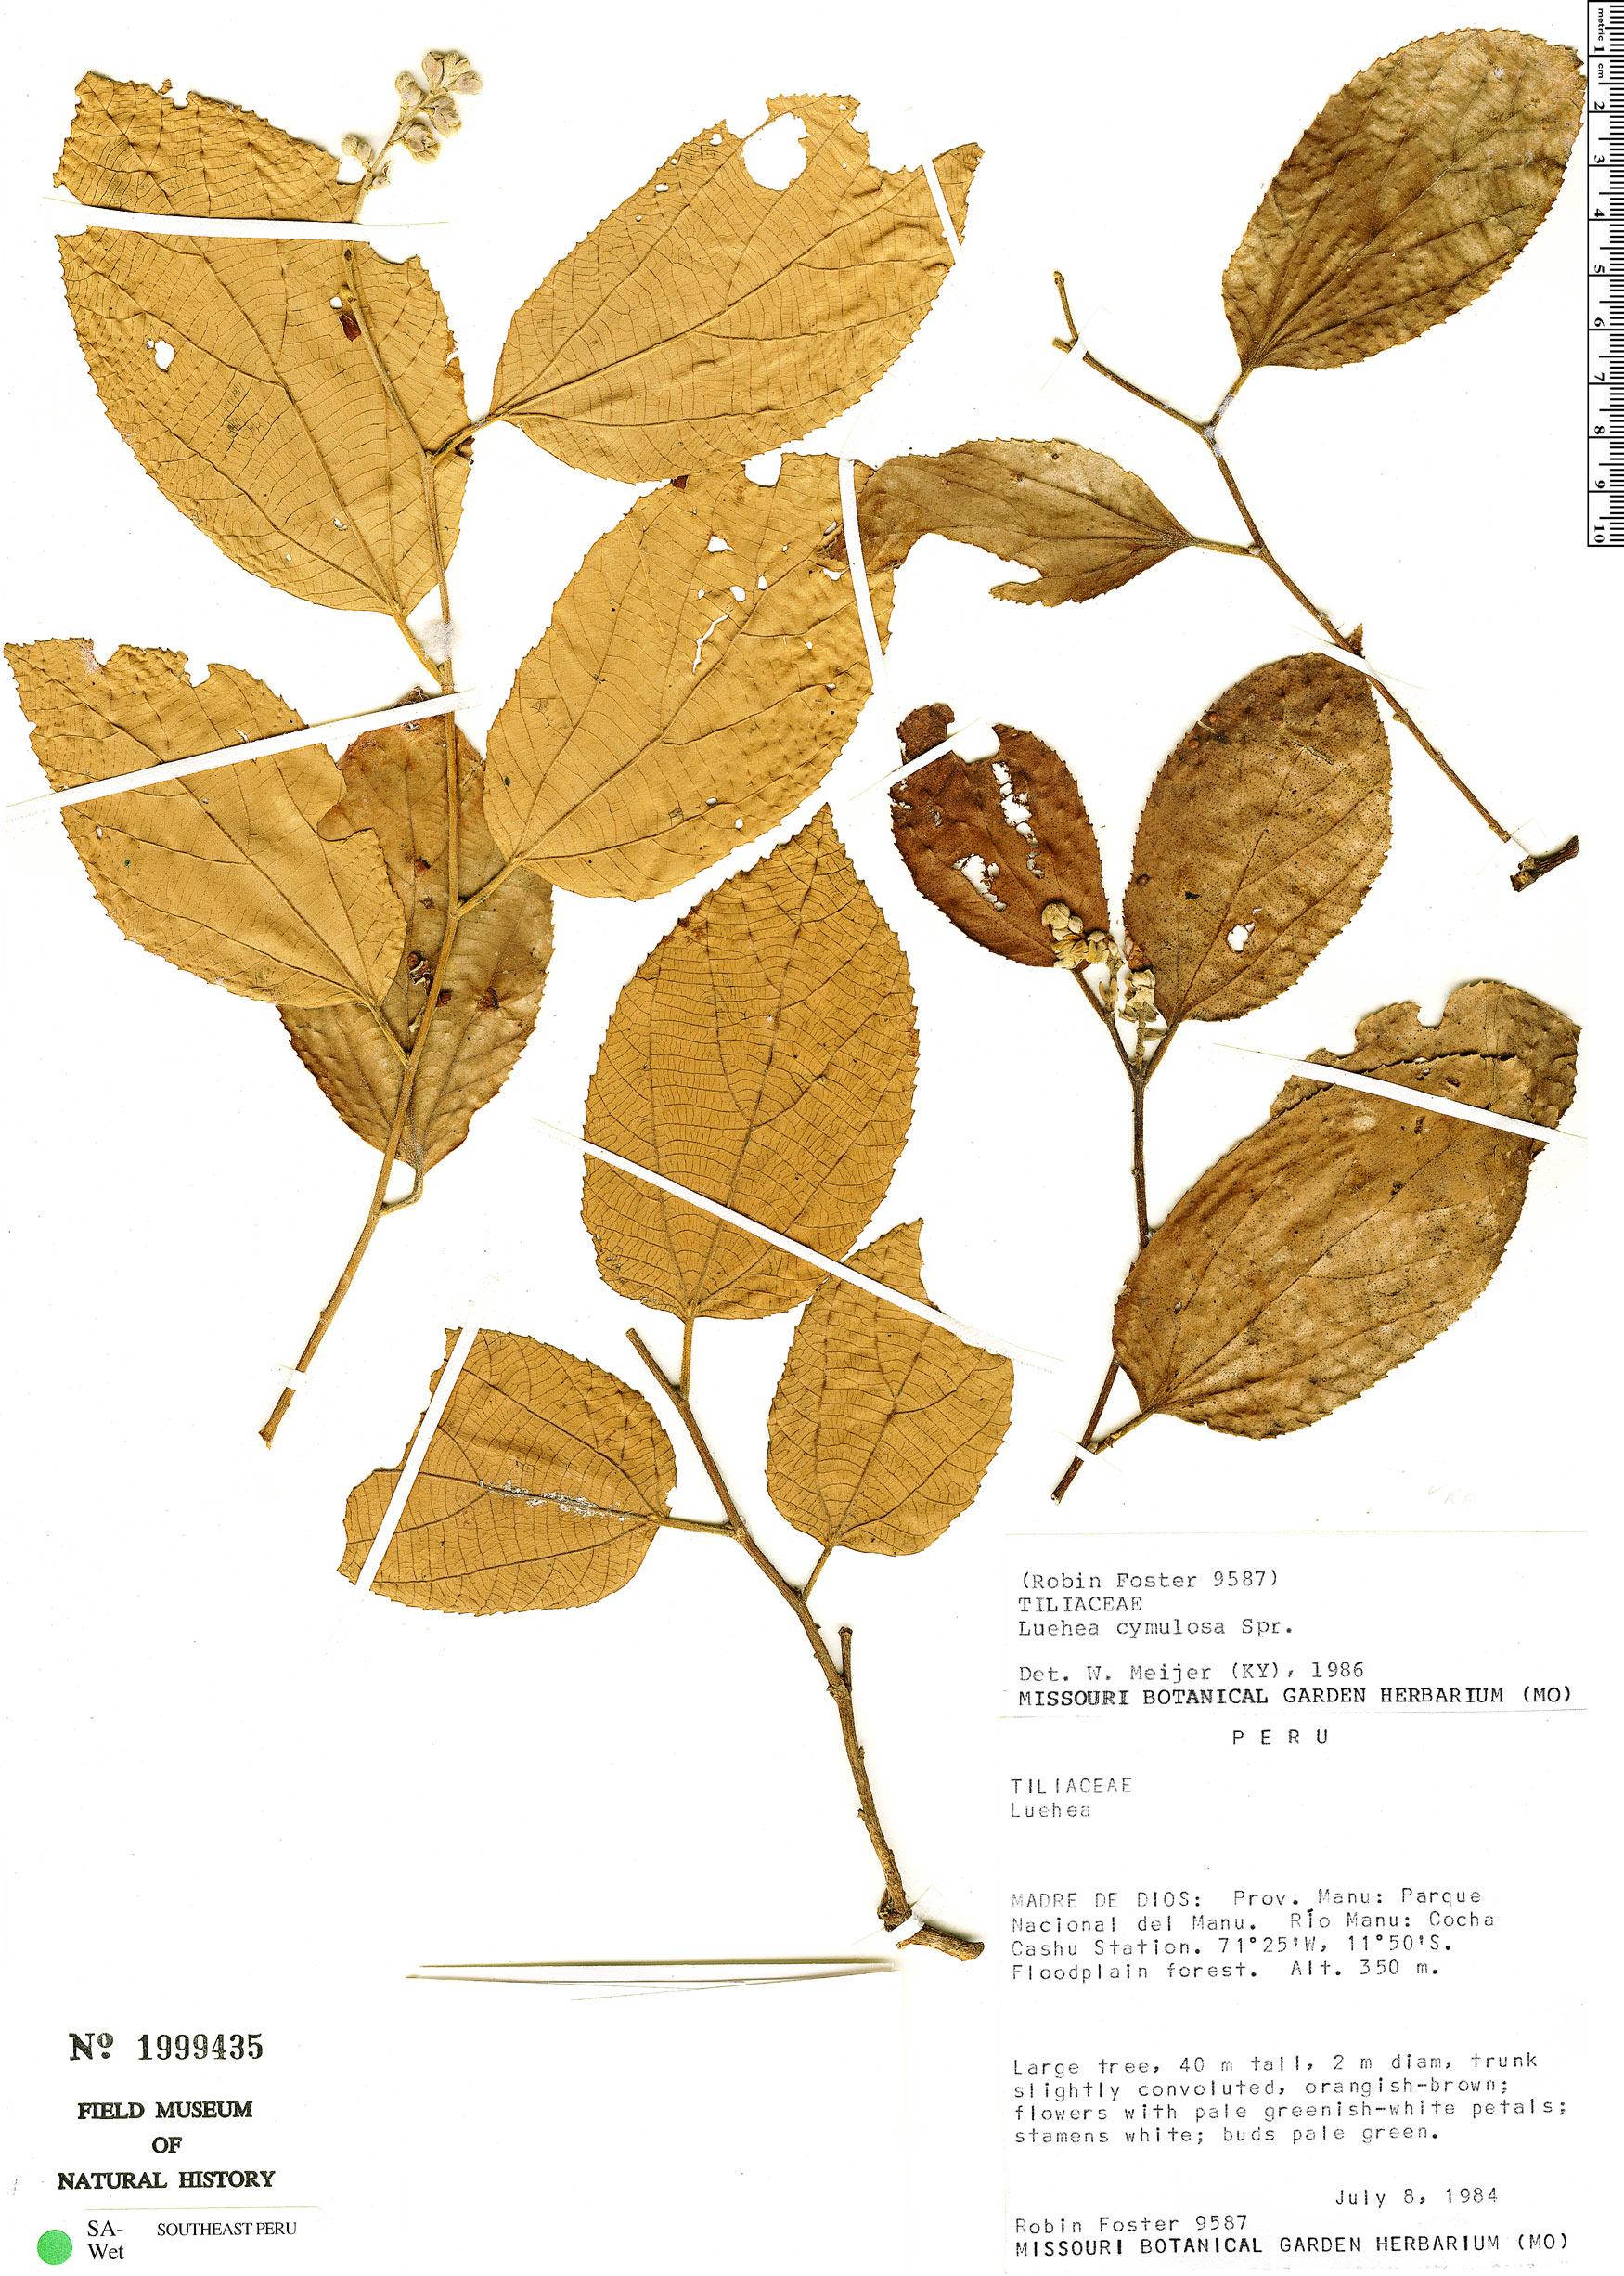 Specimen: Luehea cymulosa